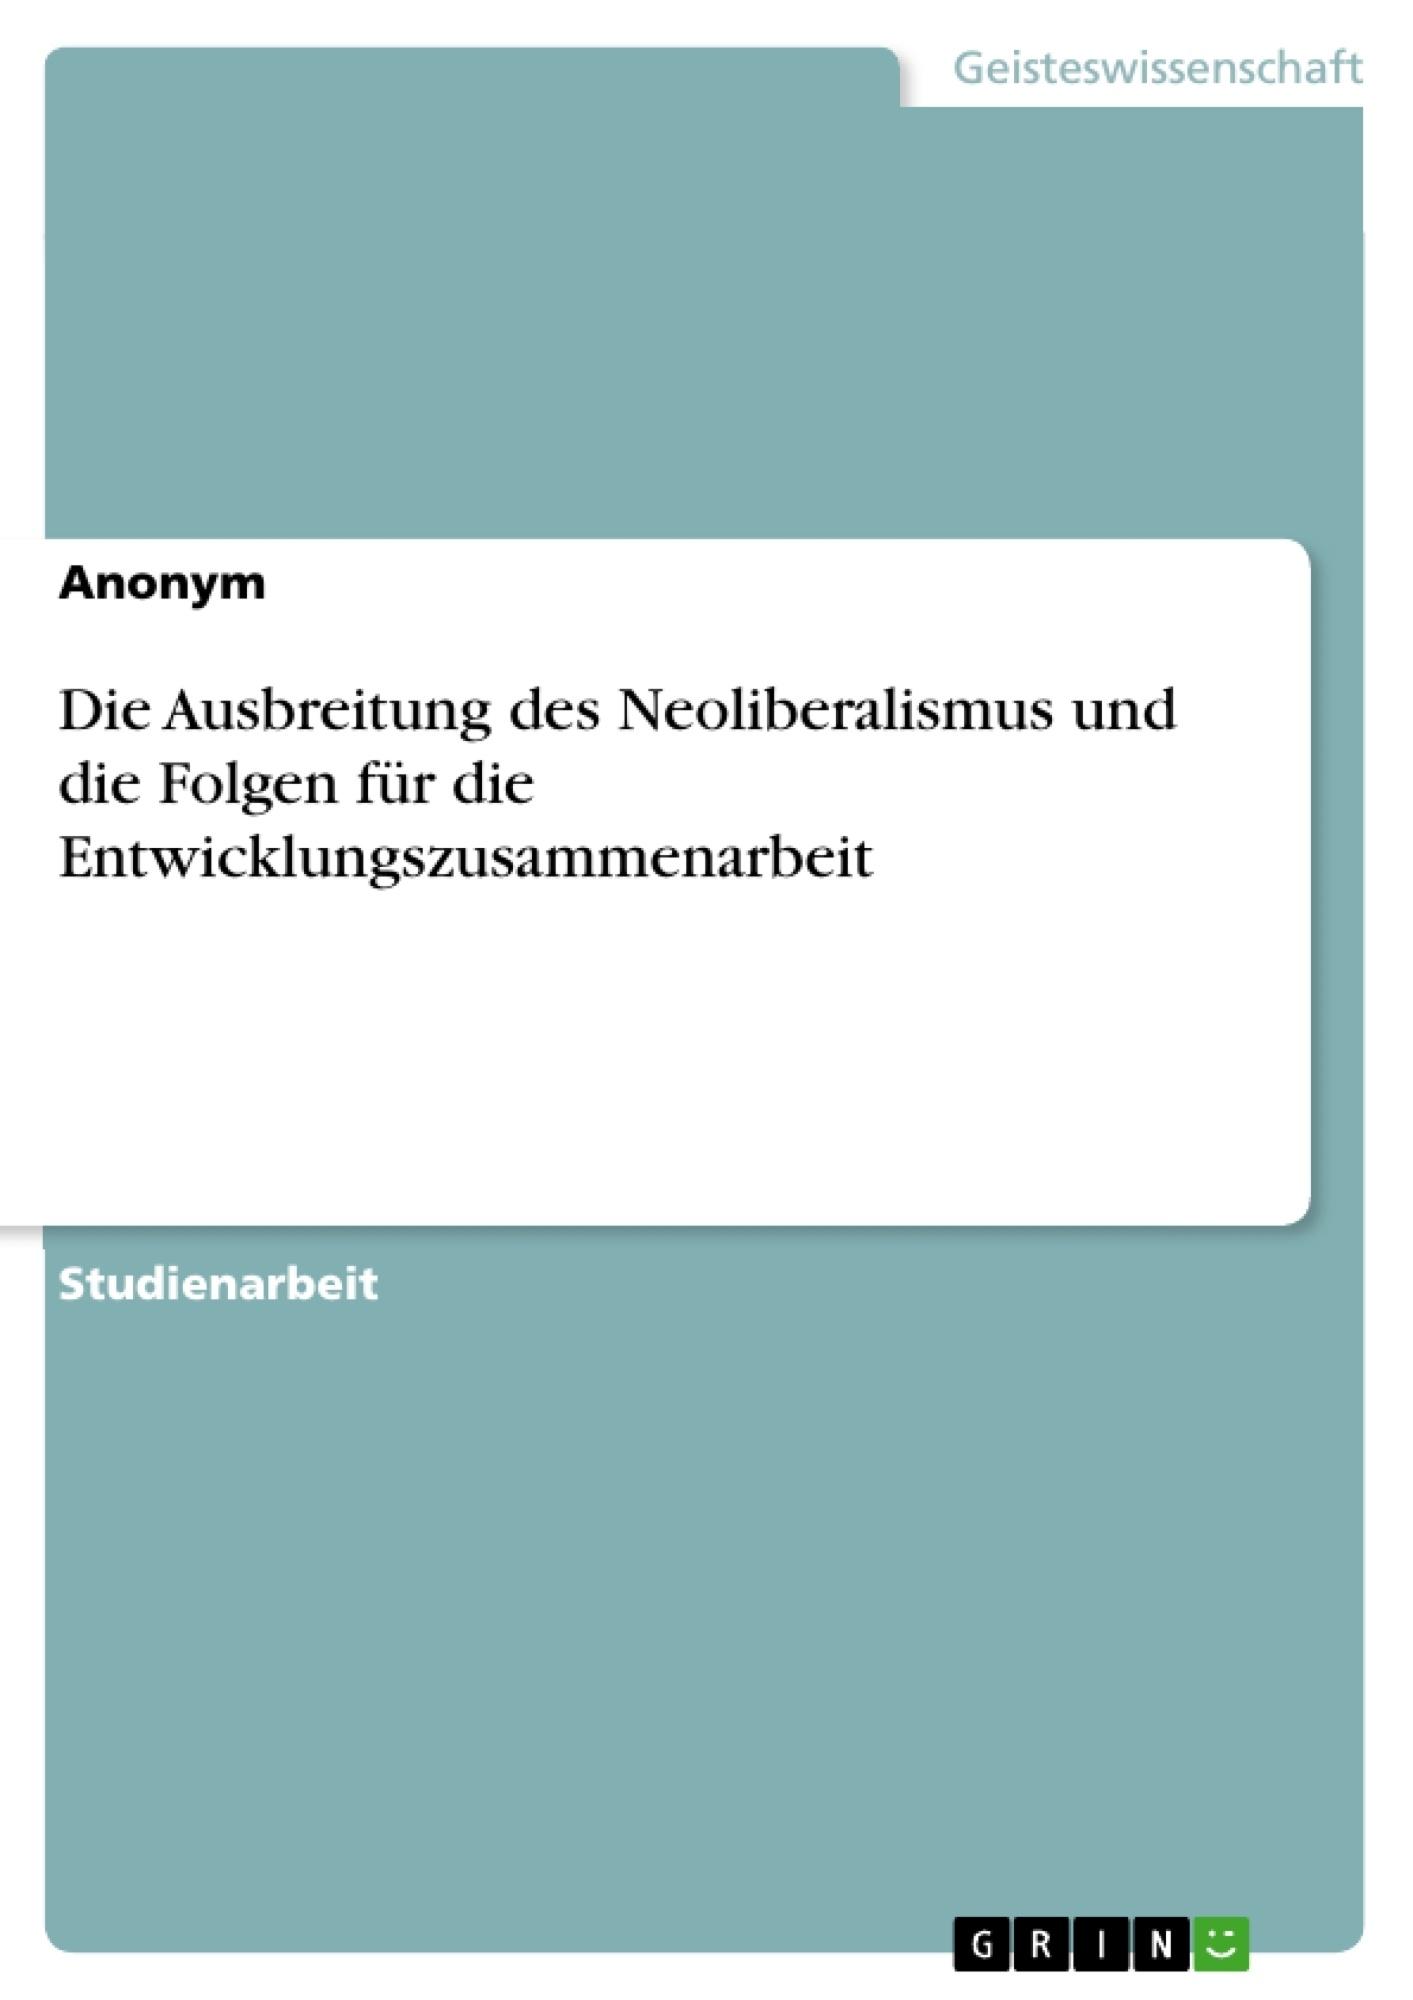 Titel: Die Ausbreitung des Neoliberalismus und die Folgen für die Entwicklungszusammenarbeit